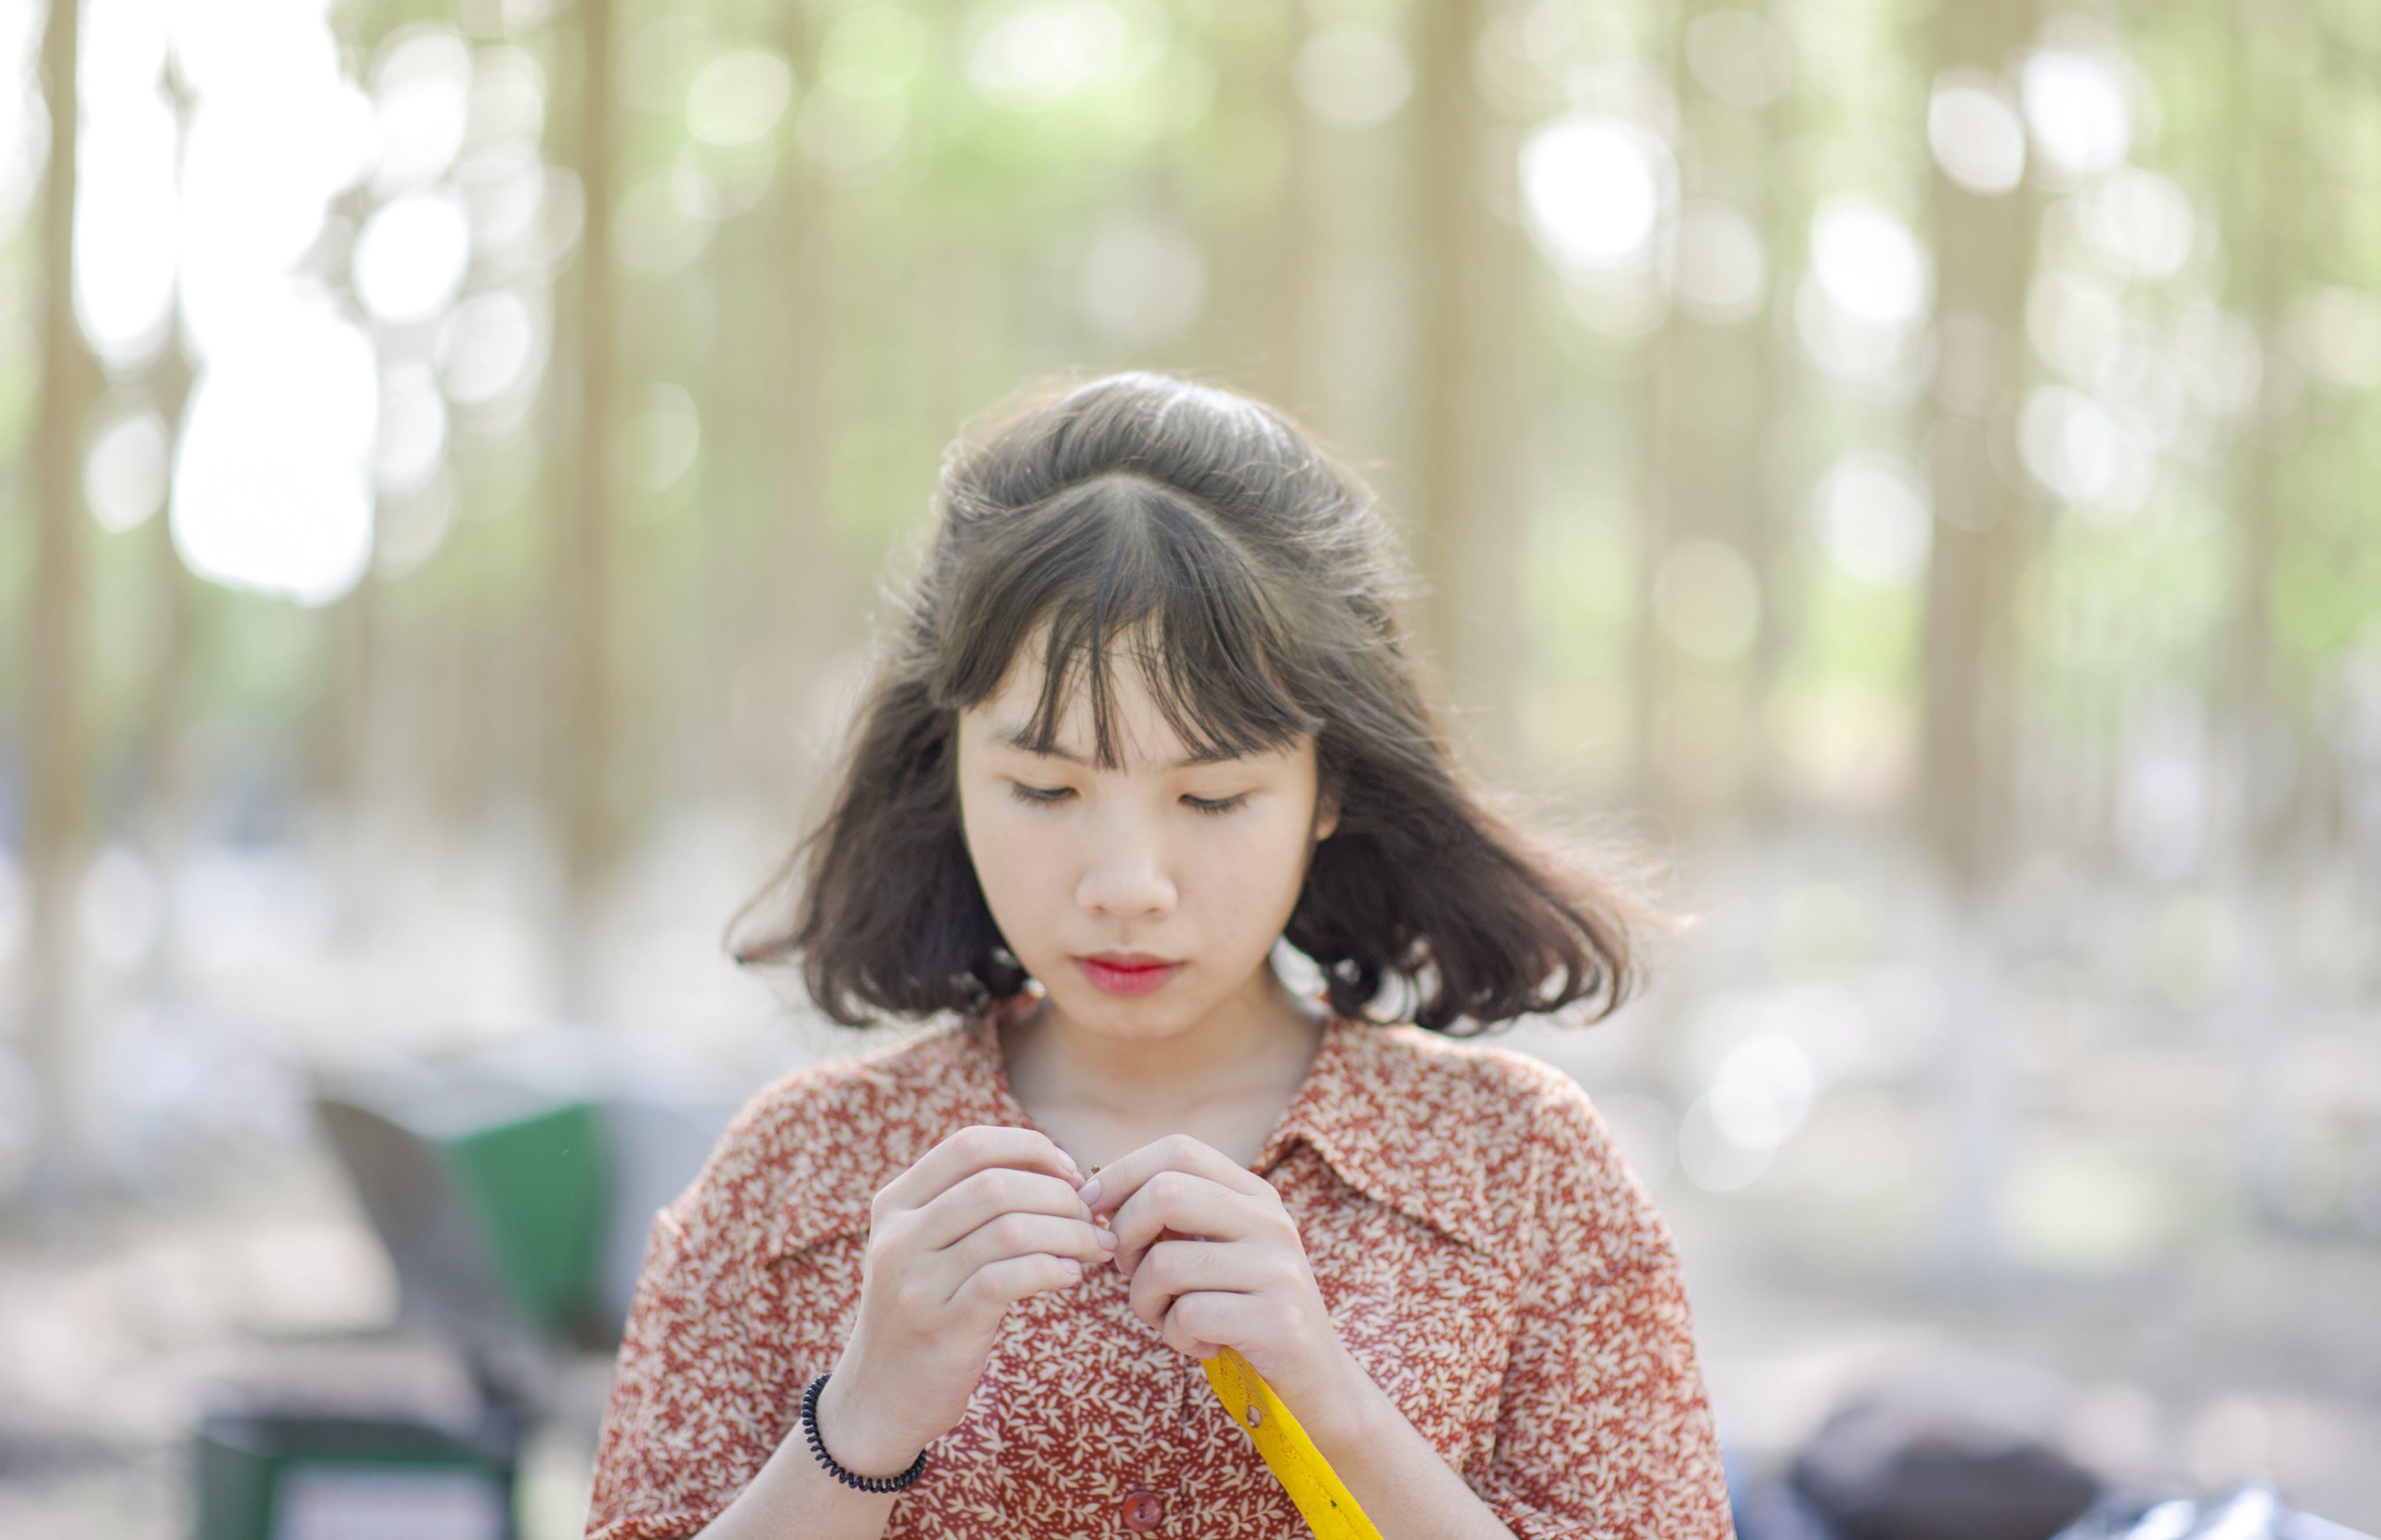 Foto d'estoc gratuïta de asiàtica, bonic, cabell, desgast